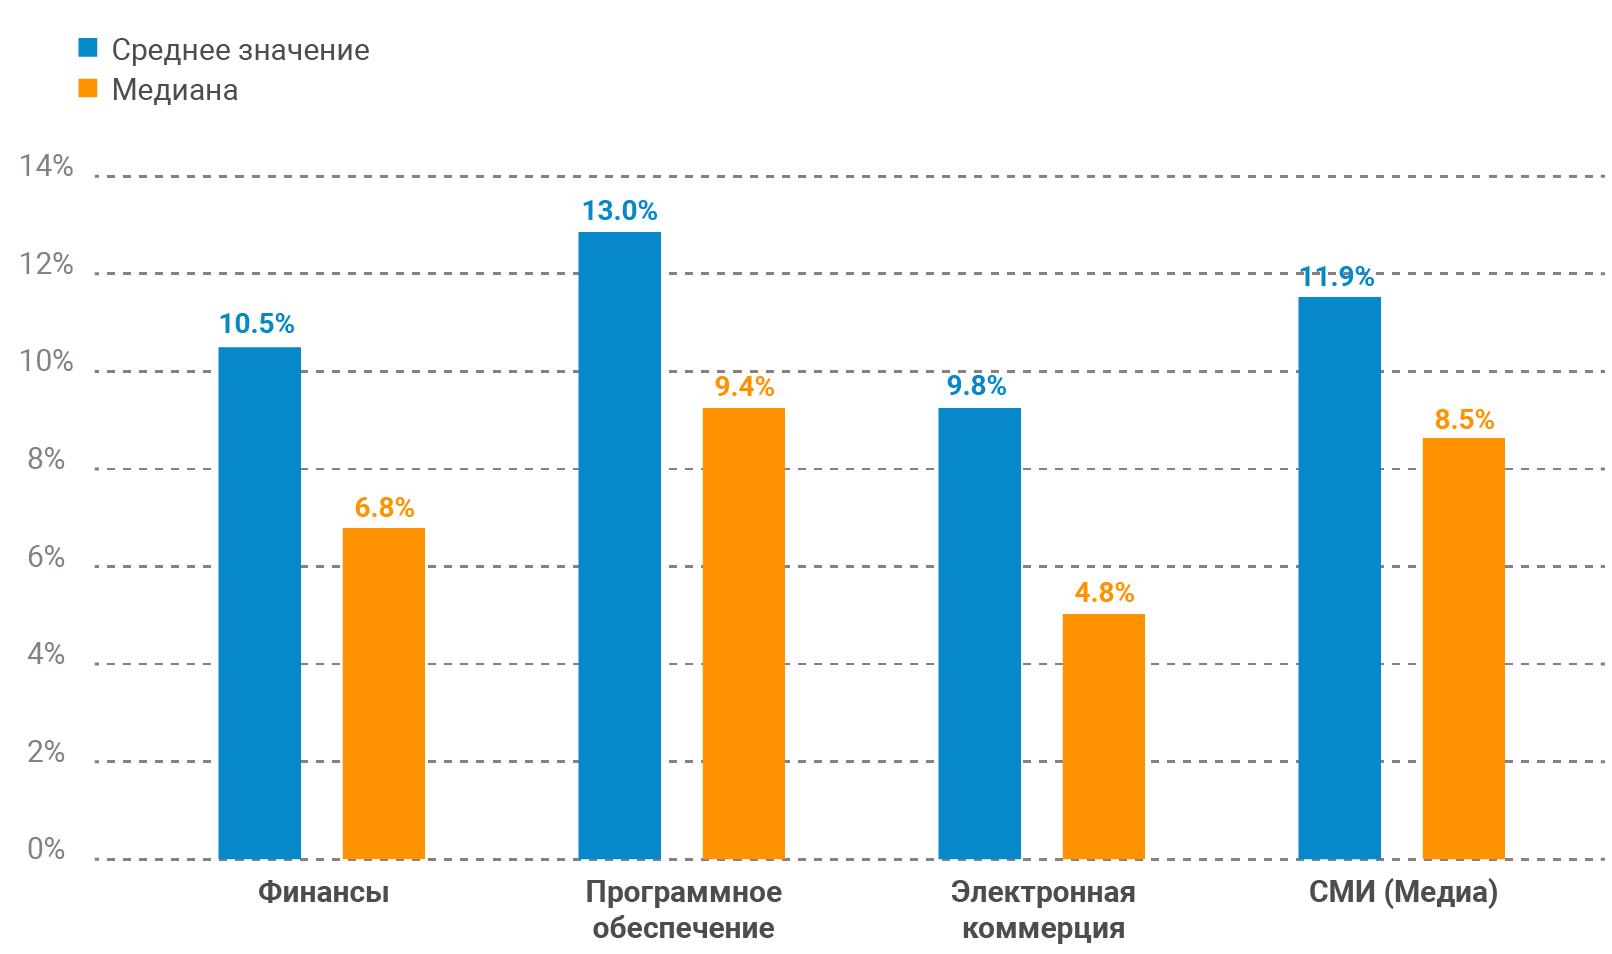 Статистика удержания клиентов в разных сферах